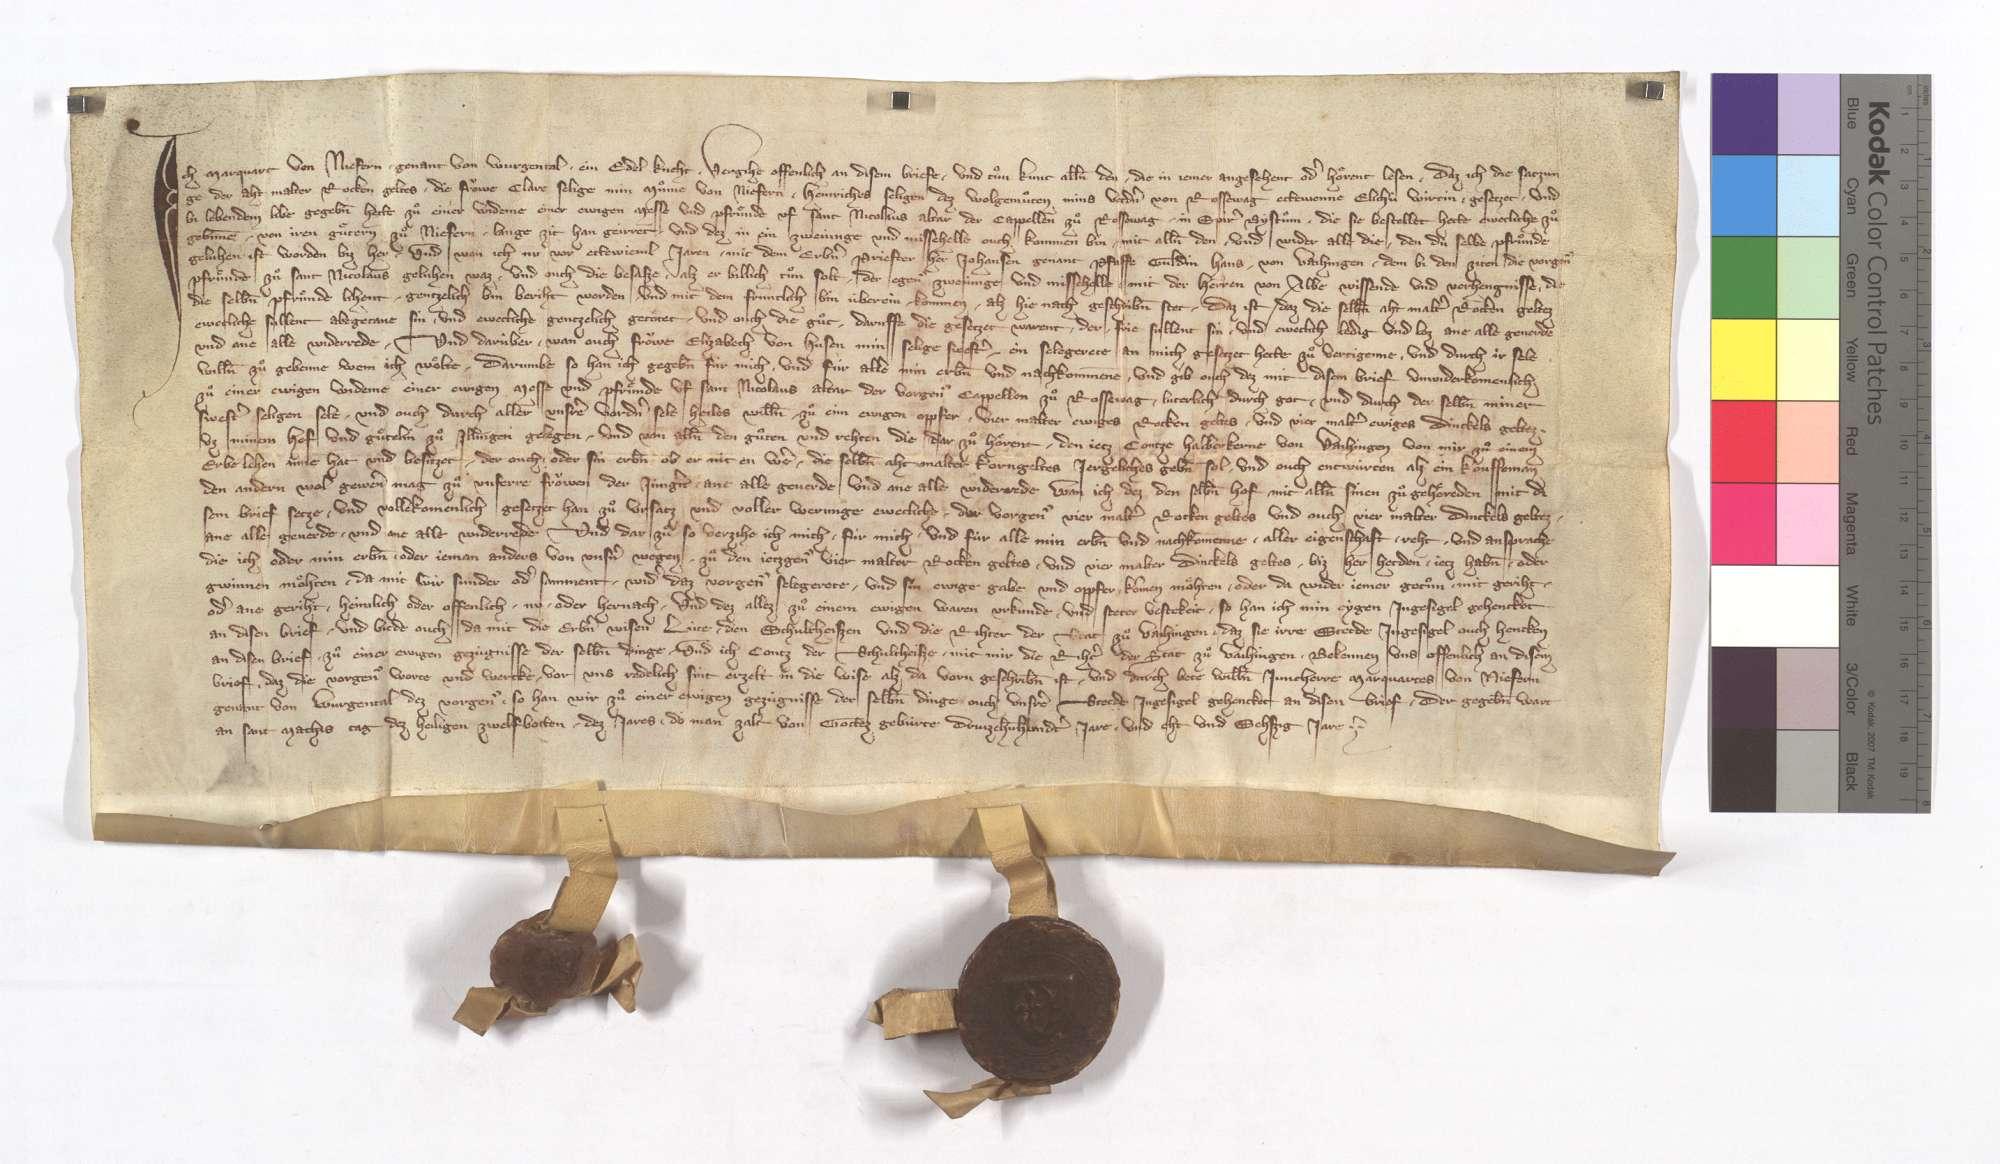 Marquard von Niefern verkauft der Frühmess in Roßwag eine jährliche Korngült von 4 Malter Roggen und 4 Malter Dinkel aus einem Hof in Illingen., Text